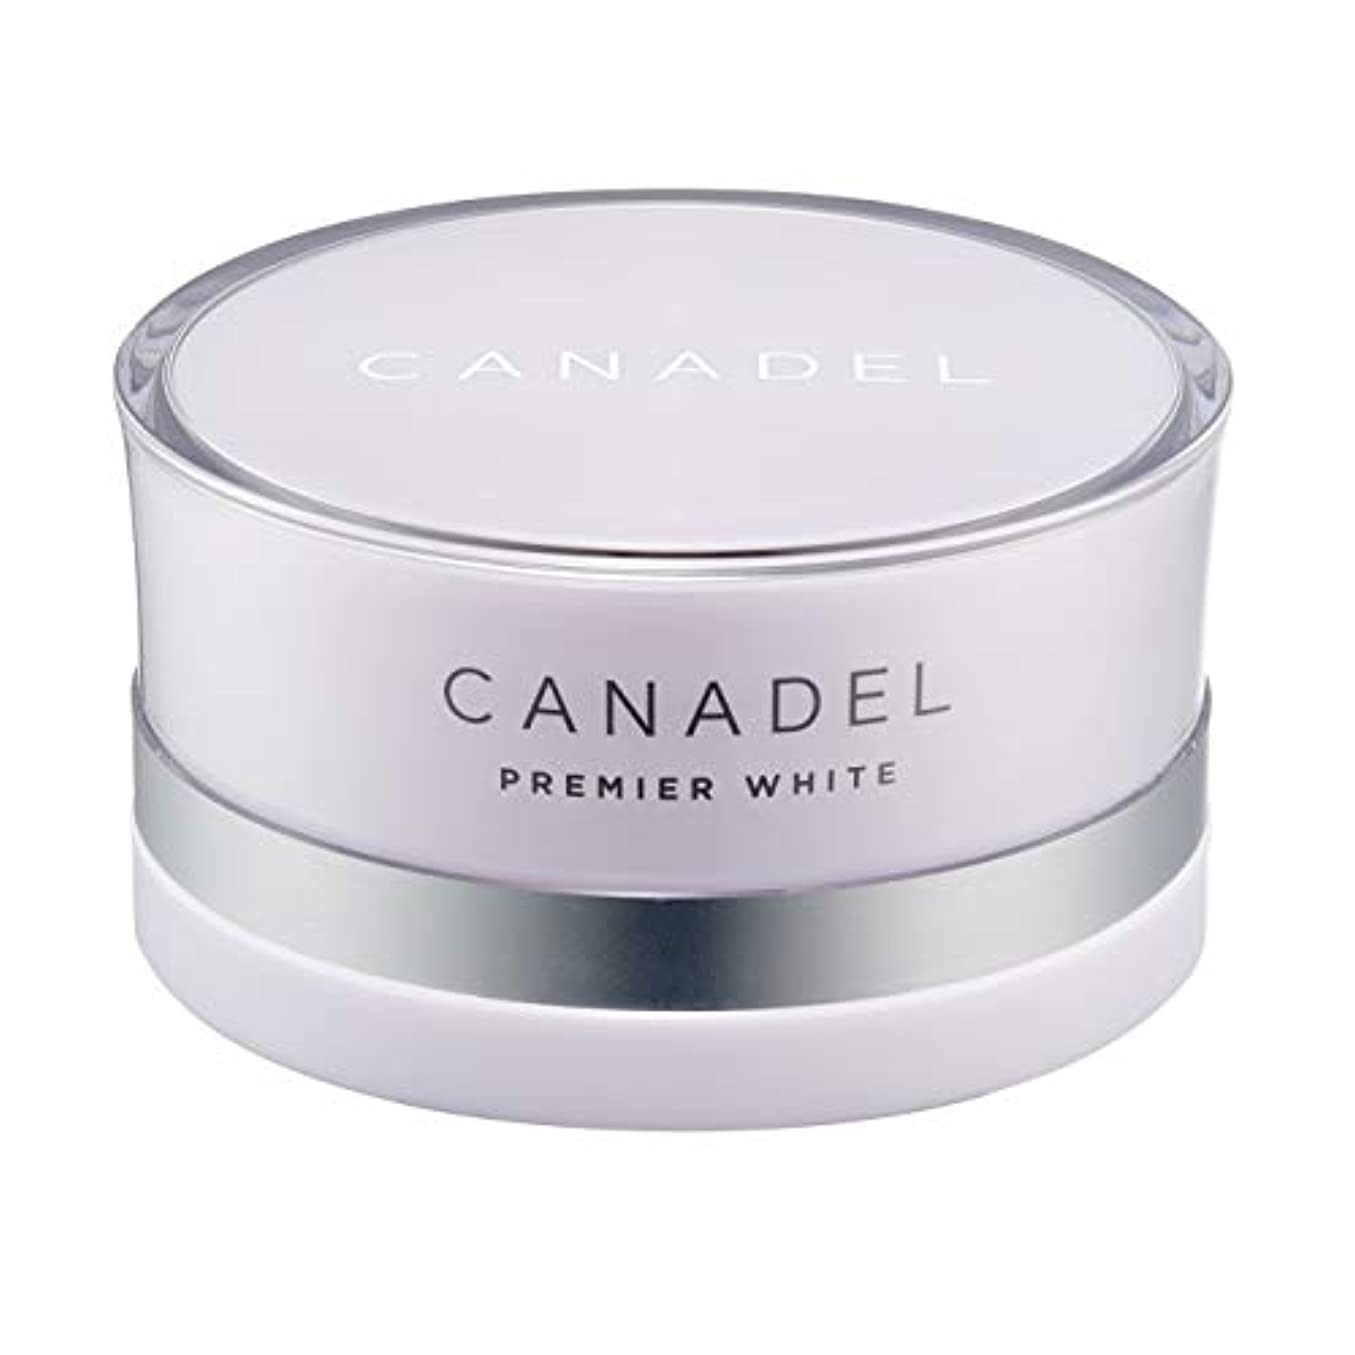 副産物ペルソナワットCANADEL カナデル プレミアホワイト オールインワン 美容液クリーム 【 薬用美白有効成分配合 】 シミが気になる方向け 58g